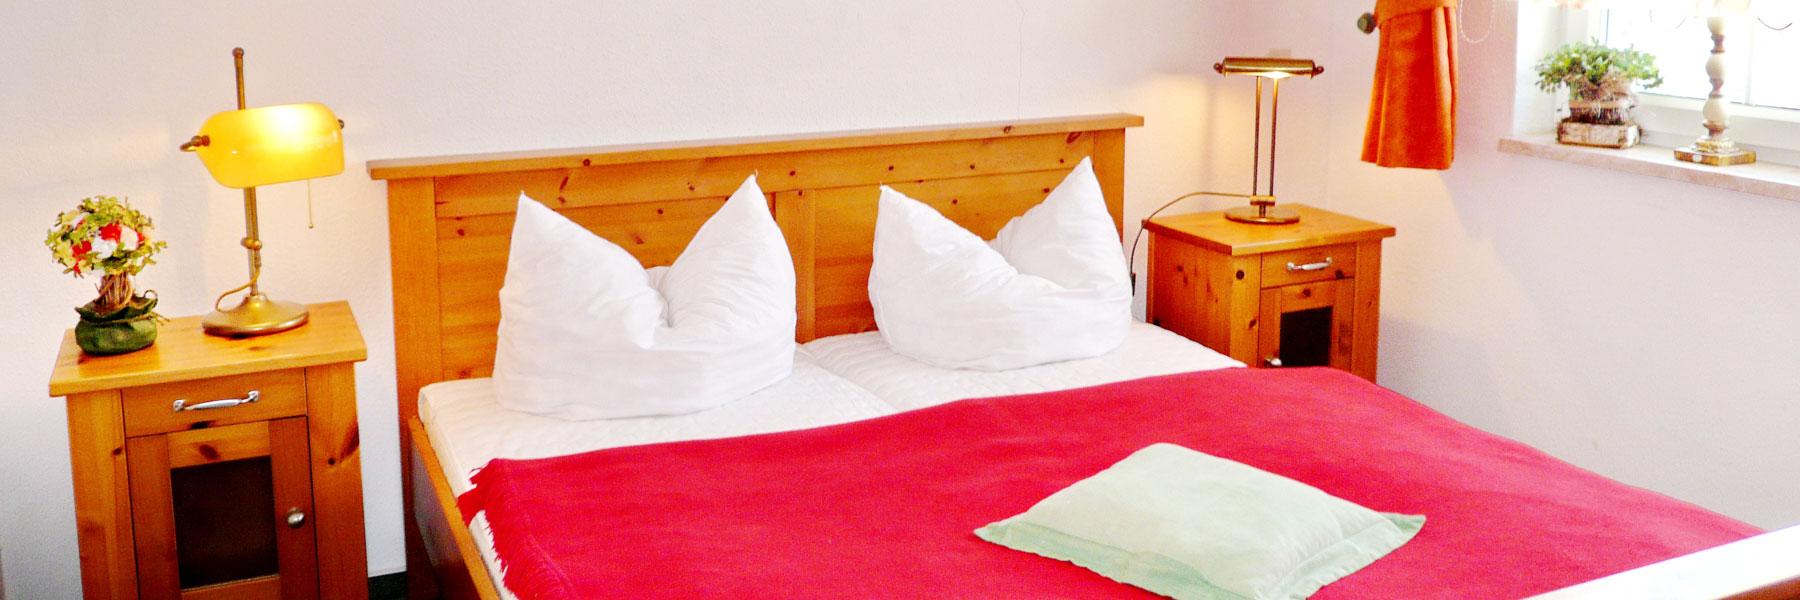 """Doppelbett - Appartementhaus """"Alena"""""""